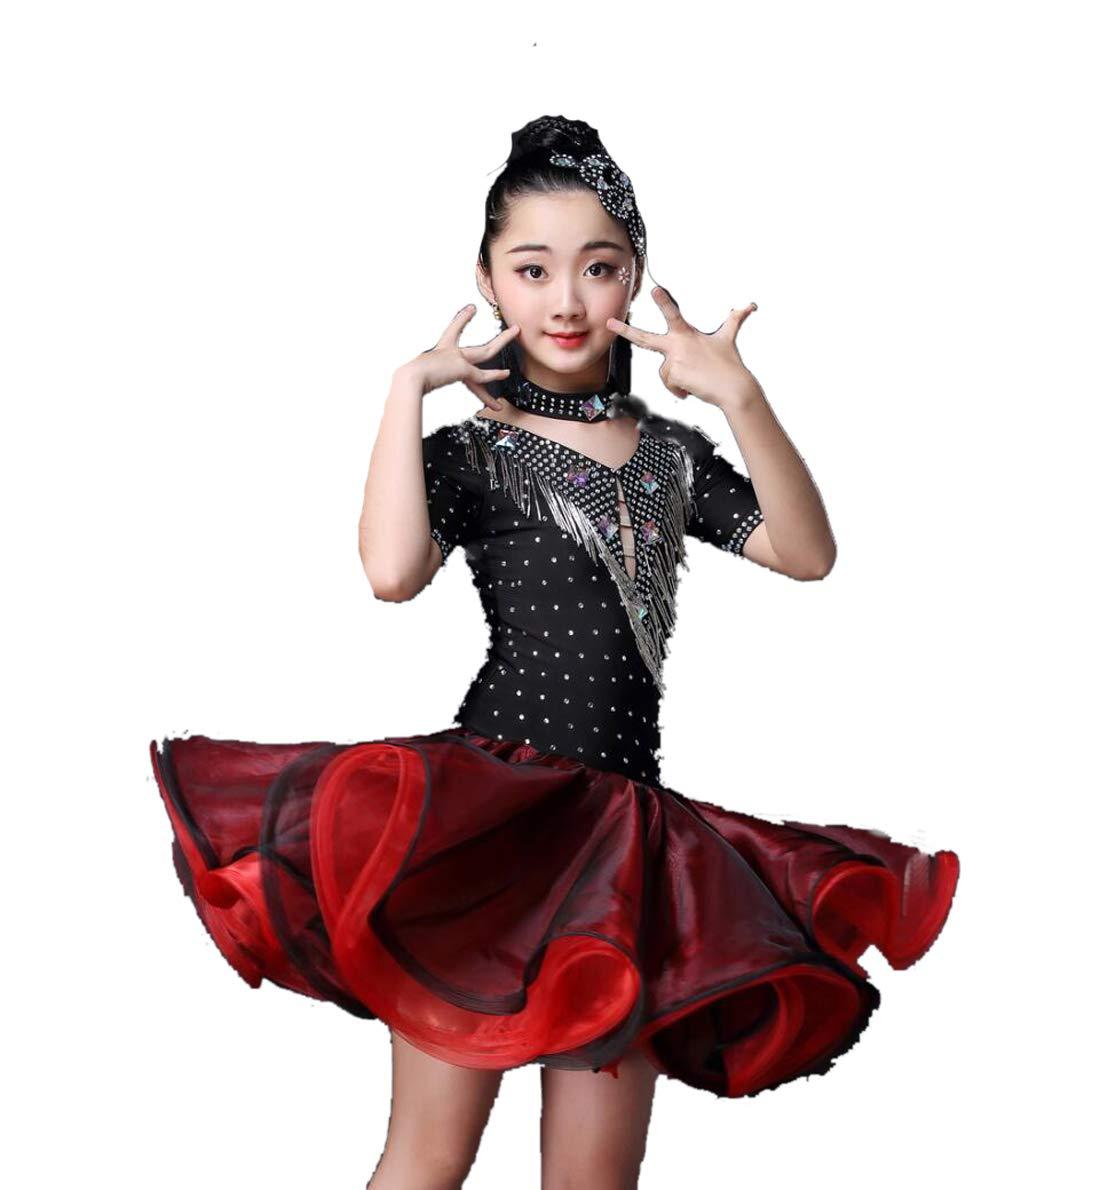 Noir SMACO Robe de Danse Latine pour Enfants, Robe de Danse Latine Fille pour Enfants 160CM